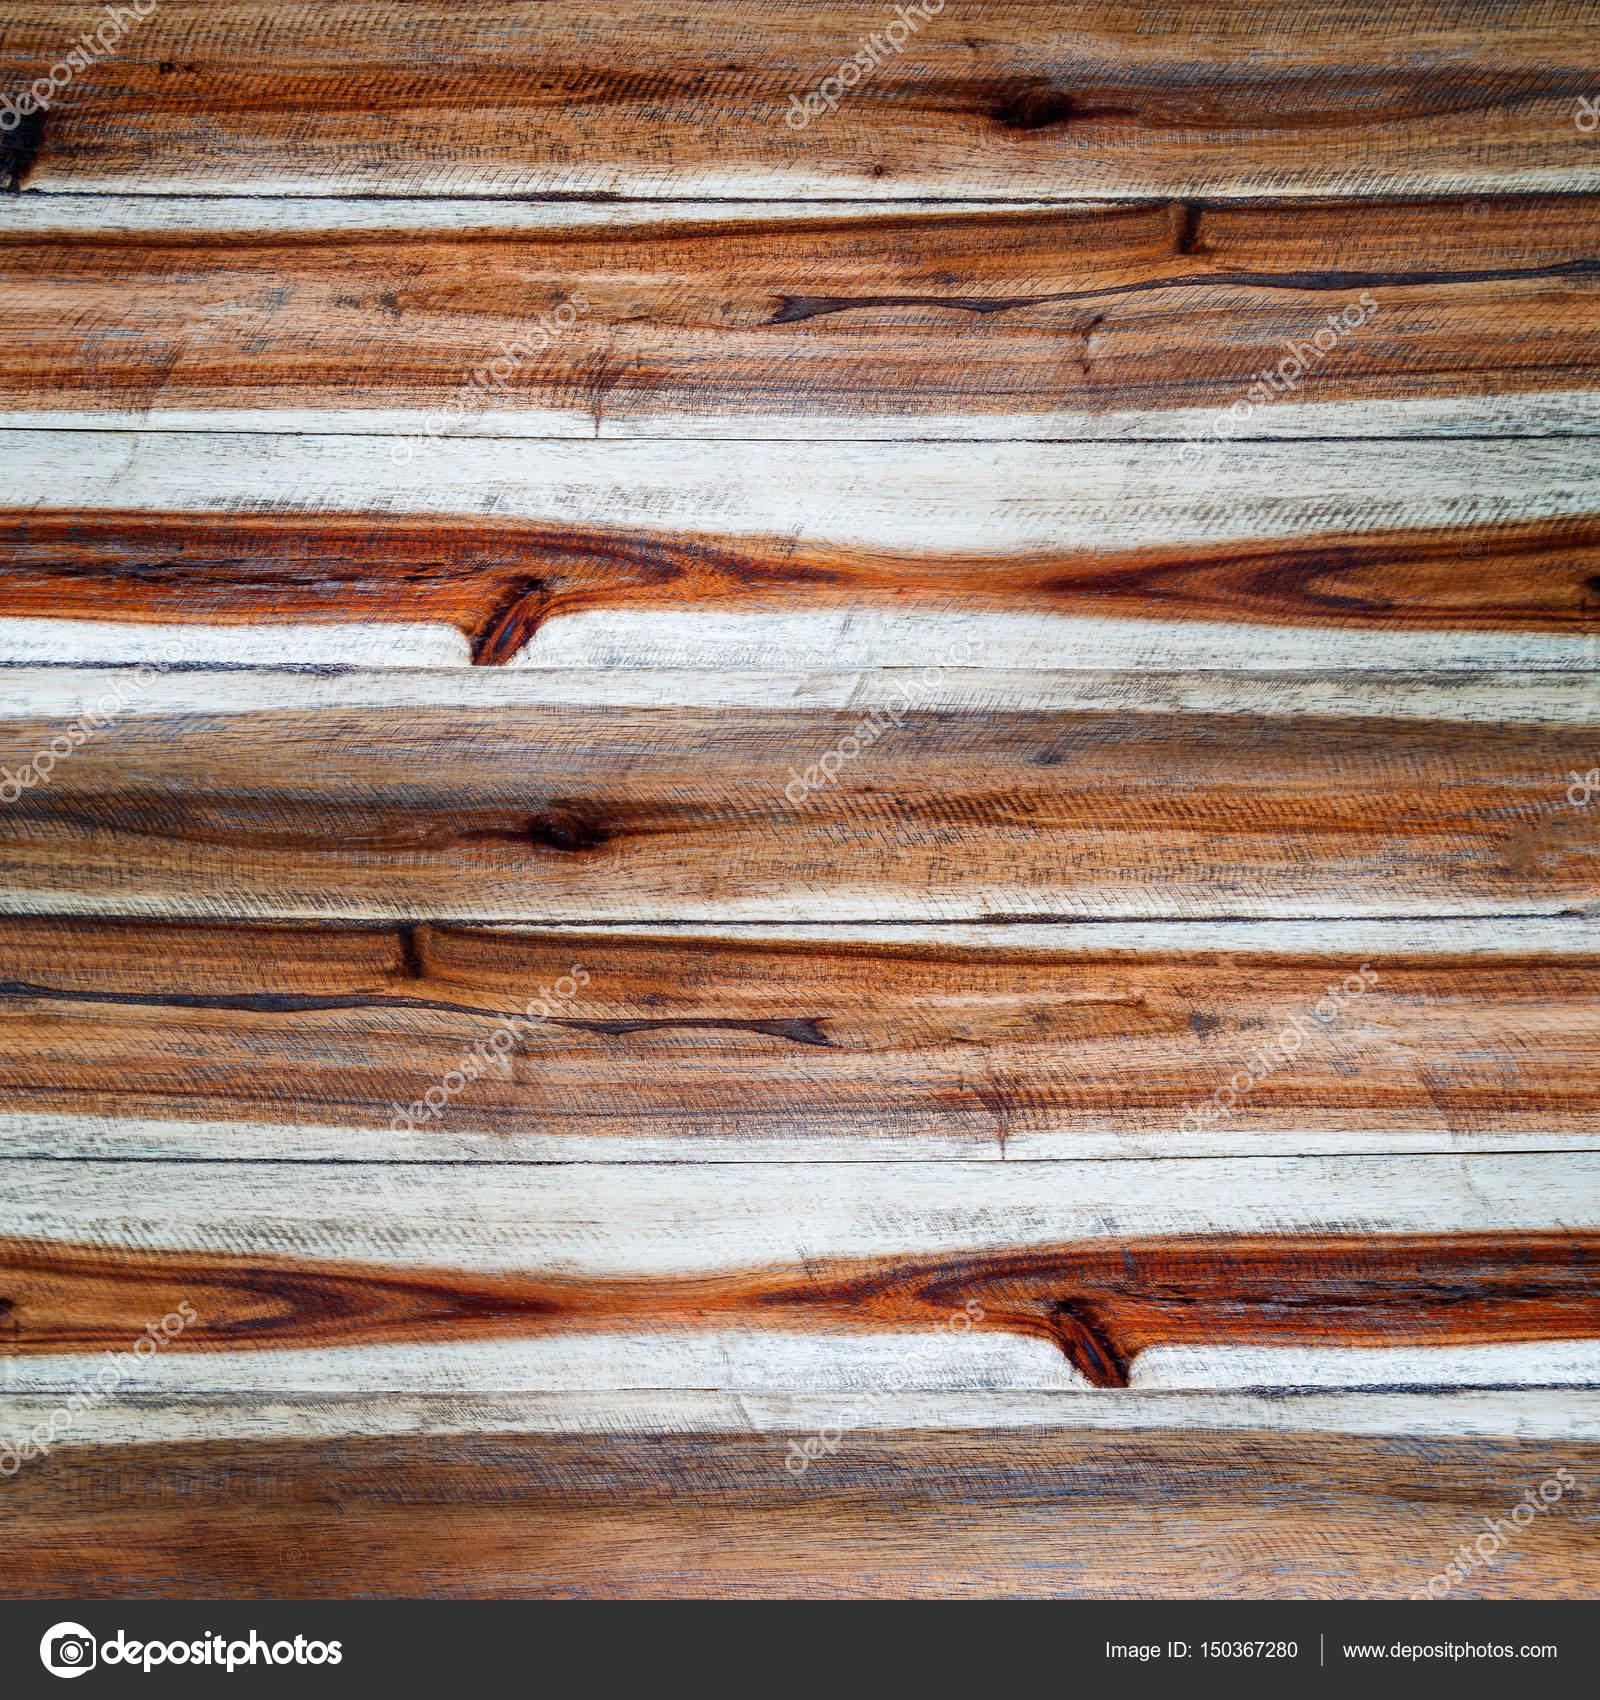 textura madera vieja — Foto de stock © jpkirakun #150367280